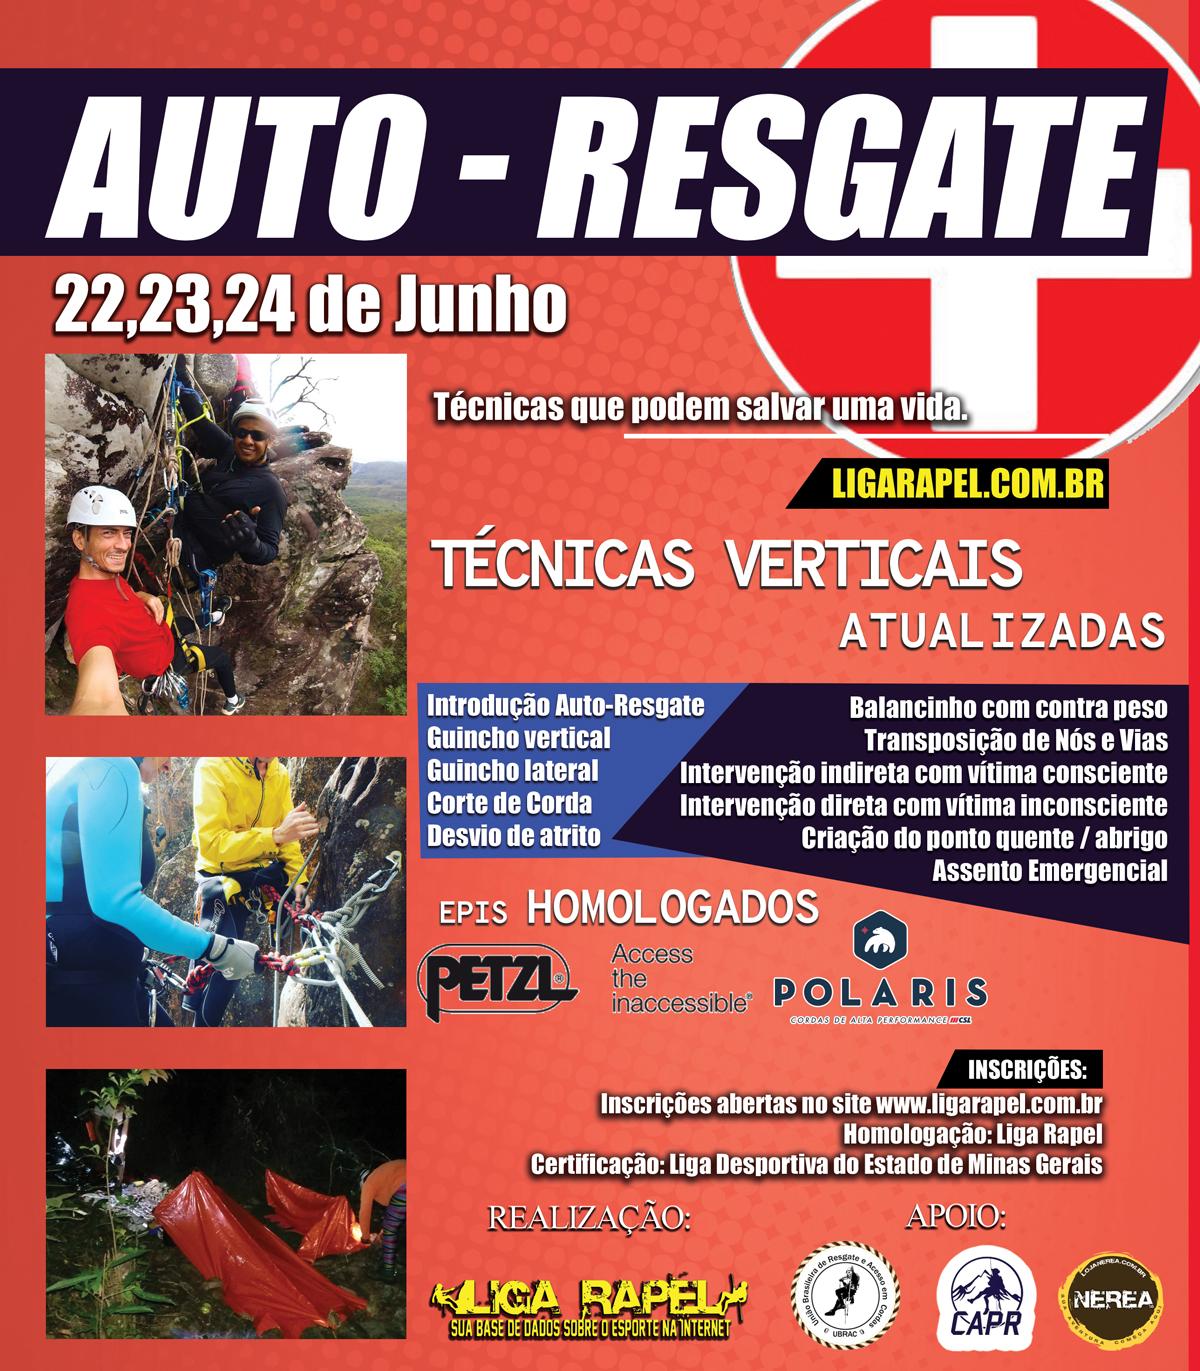 N2R – Auto-Resgate